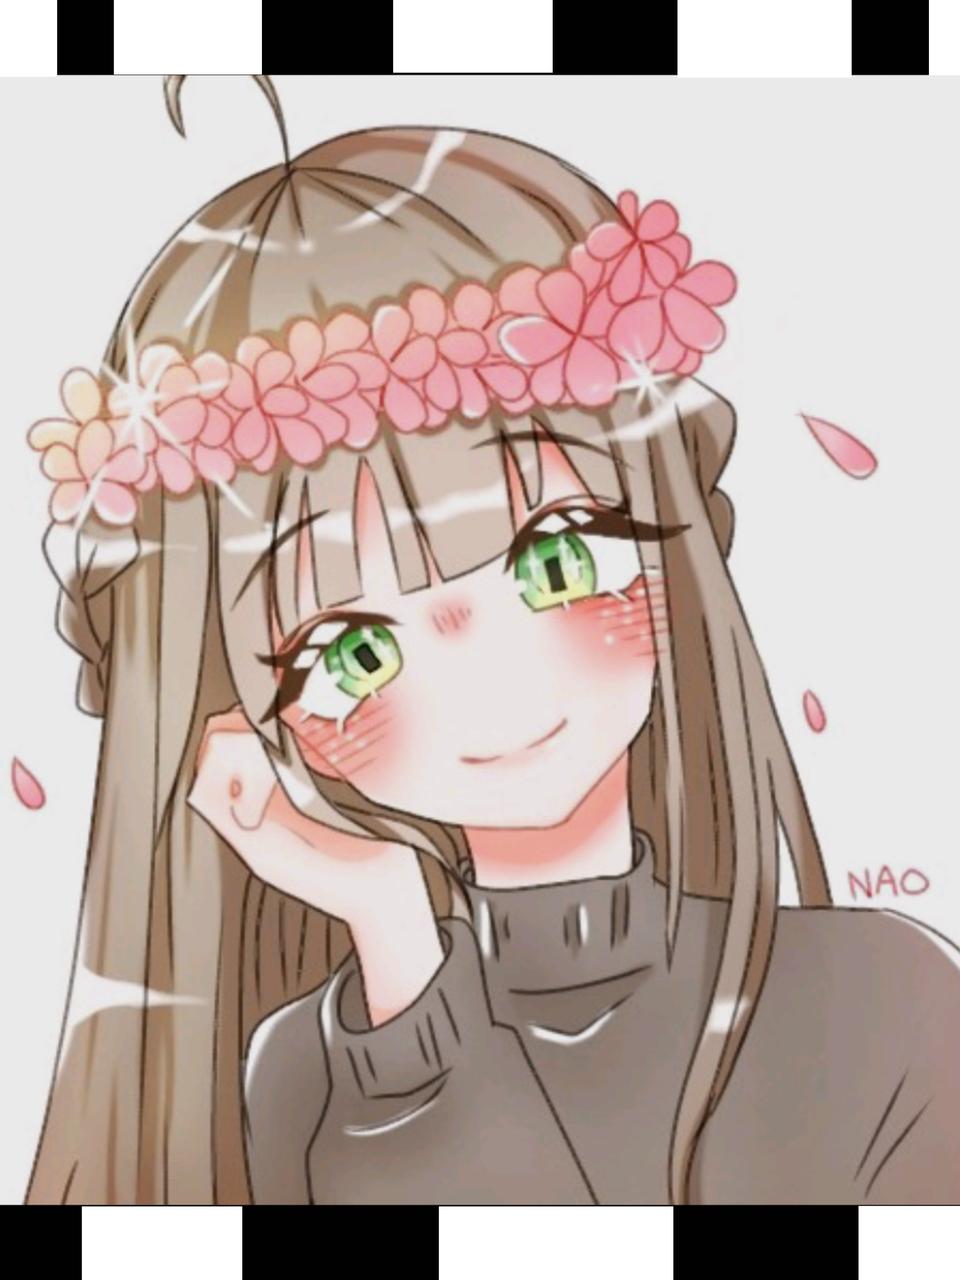 her(<♪_eery - her>)